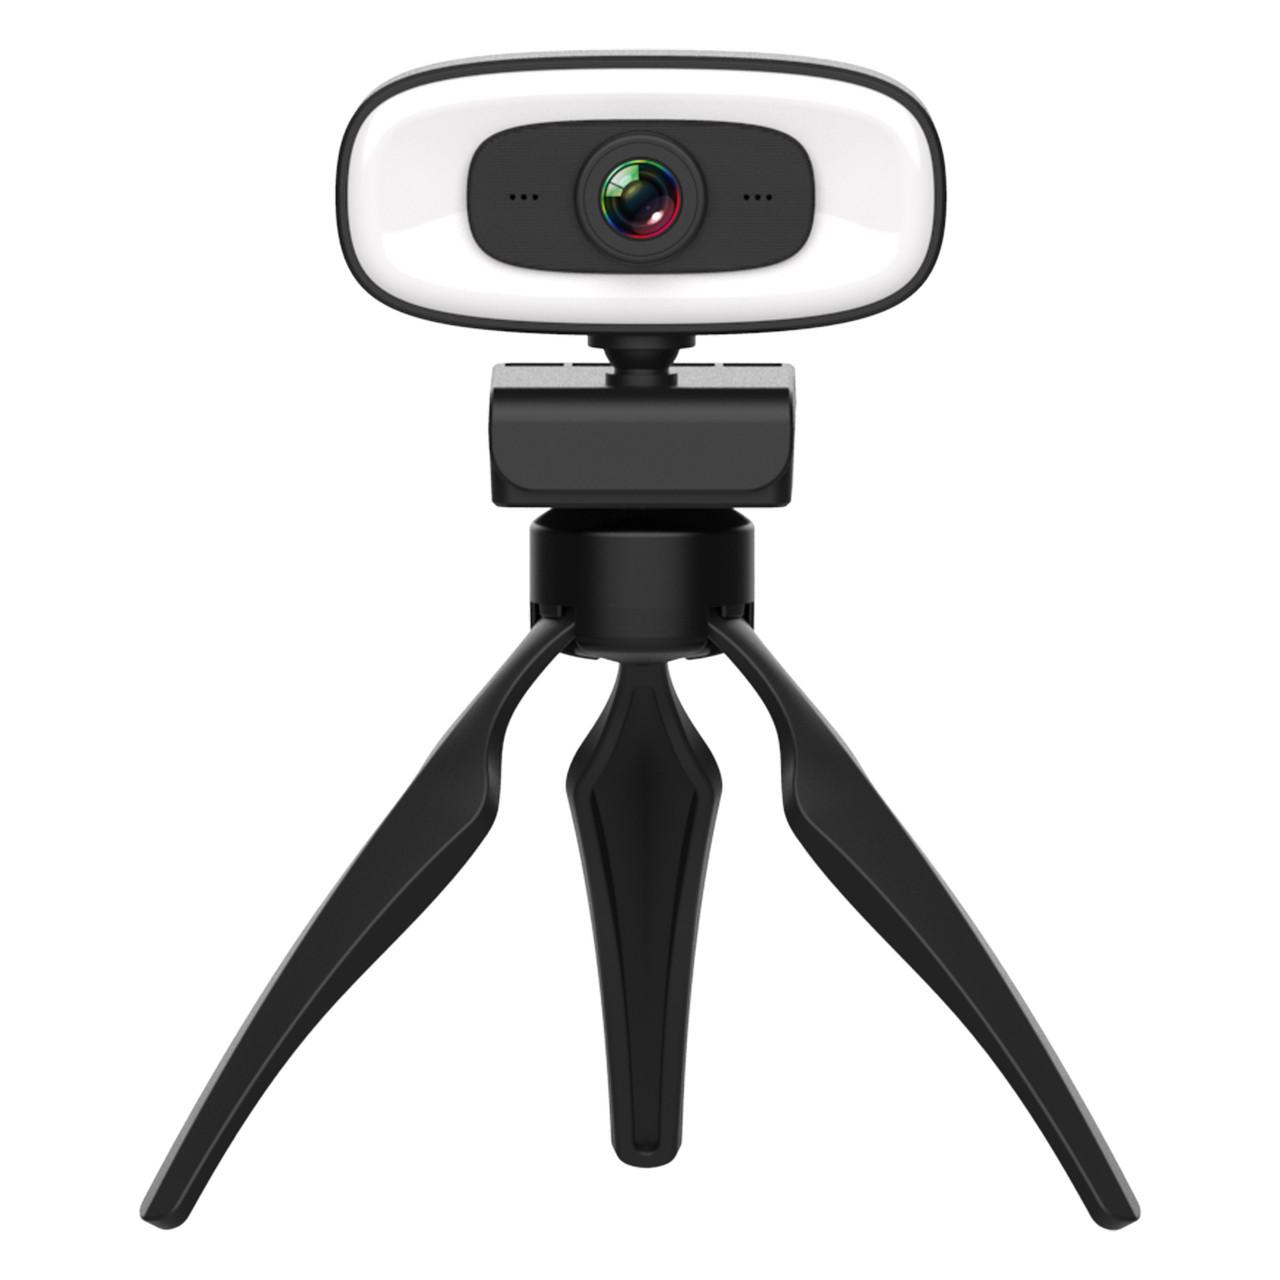 Веб-камера 4K Full HD (3840x2160)  вебкамера с подсветкой (3 режима) микрофоном для ПК компьютера ноутбука UTM